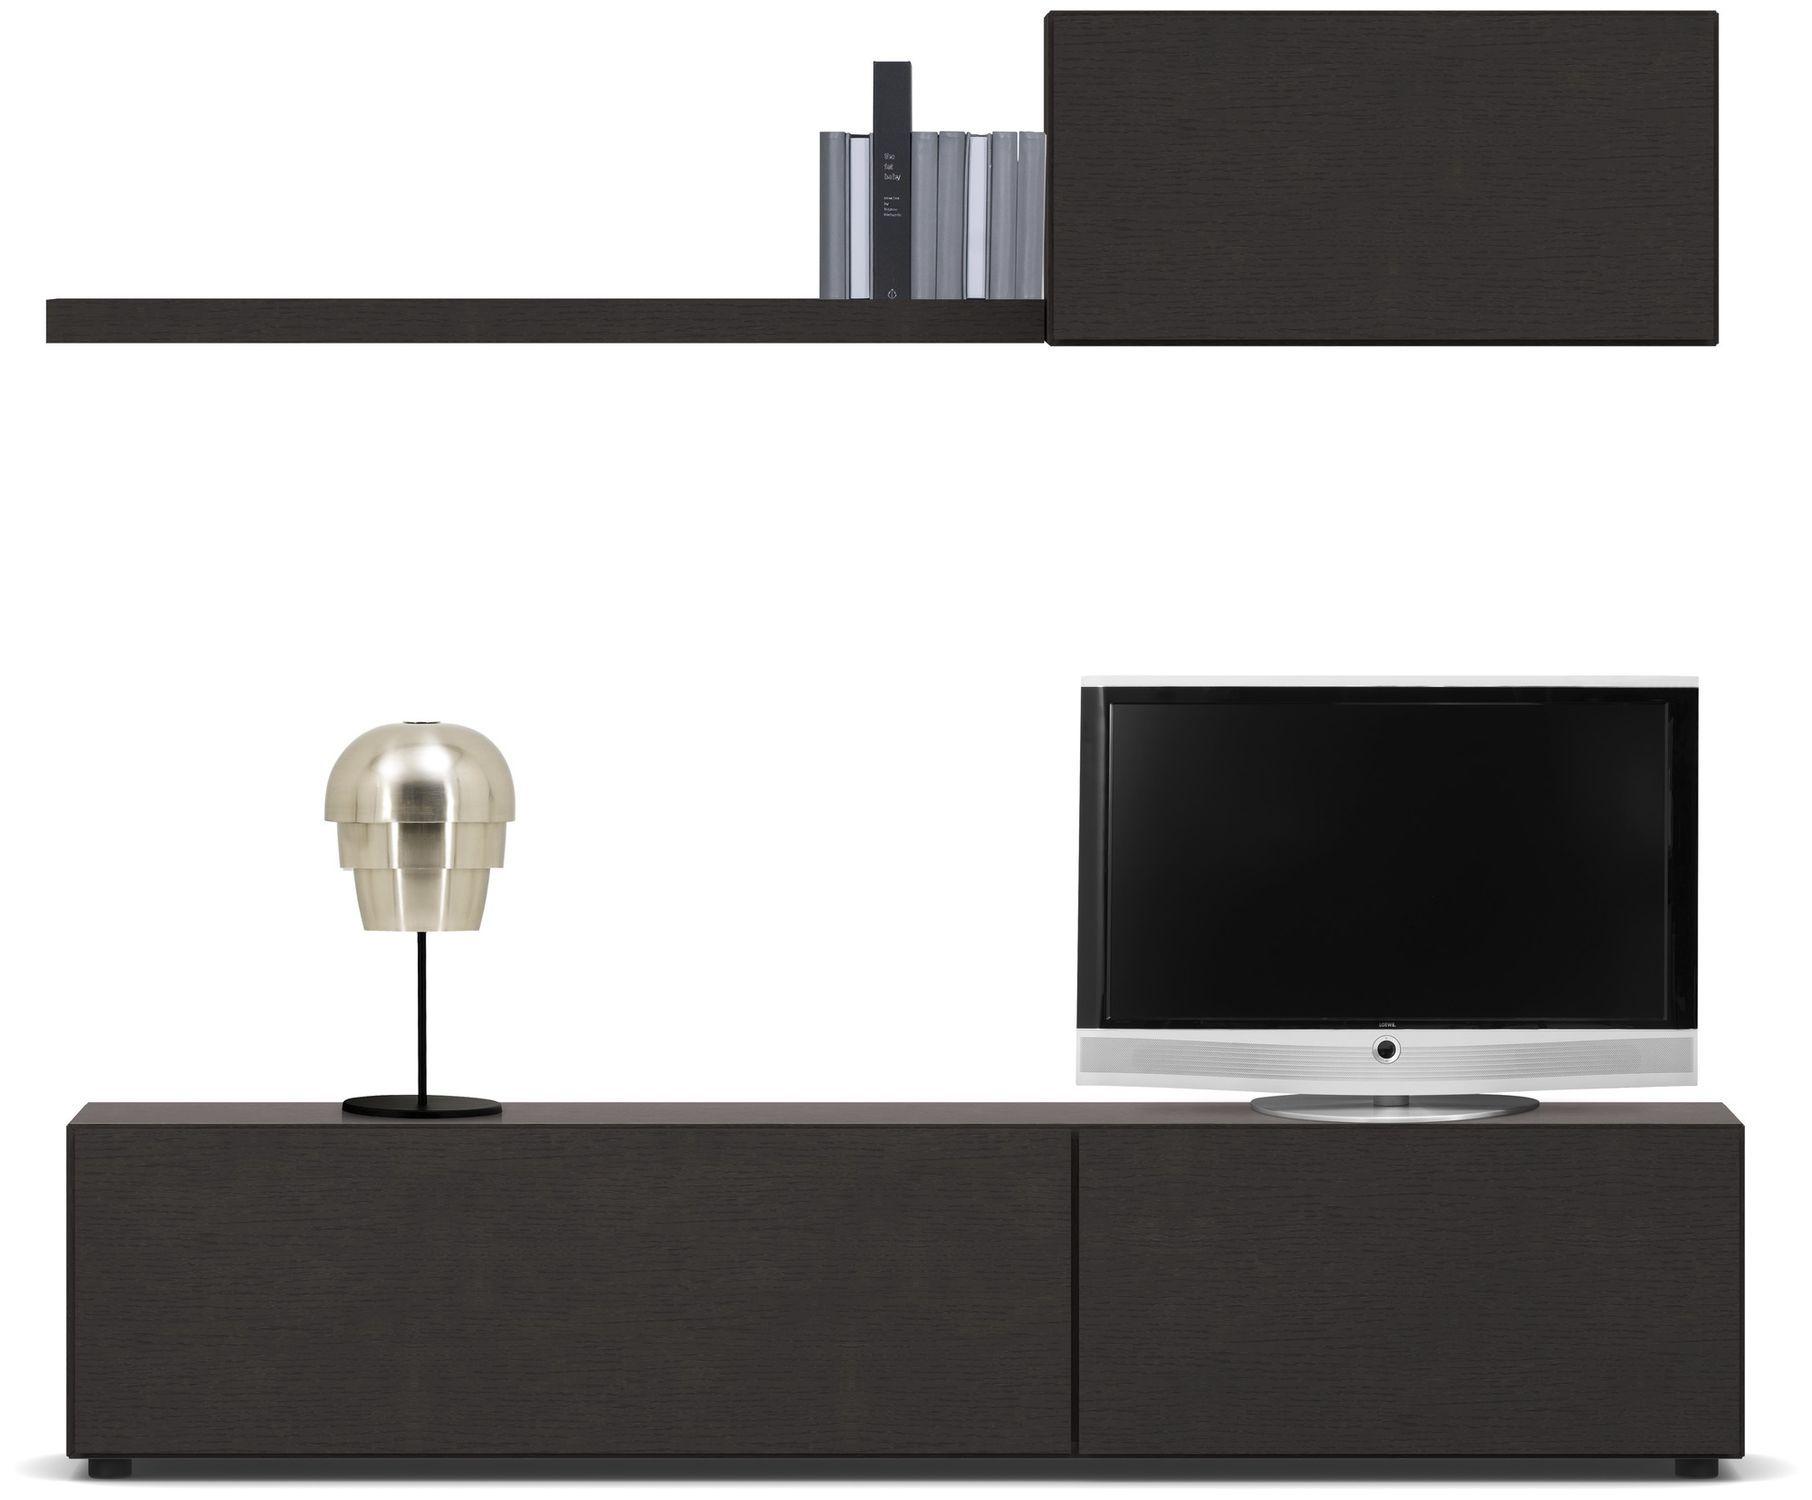 Meuble Tv Bo Concept Frdesignweb Co # Bo Concept Meuble Tv